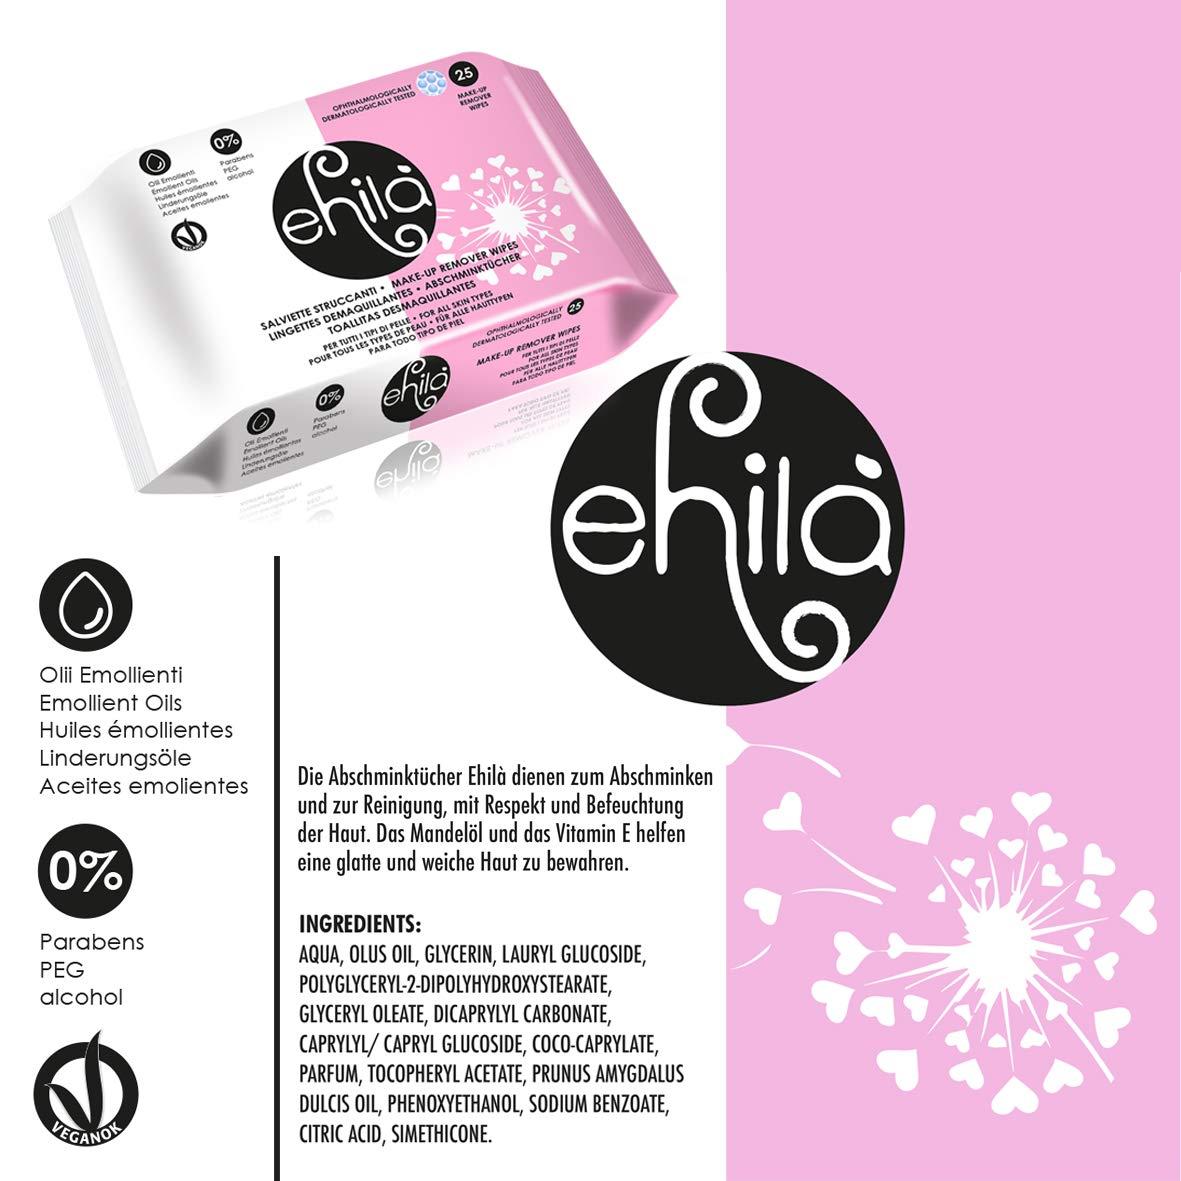 Ehilà - Toallitas Desmaquillantes con Aceites Emolientes y Vitamina E - Caja de 12 paquetes (Total 300 Toallitas)